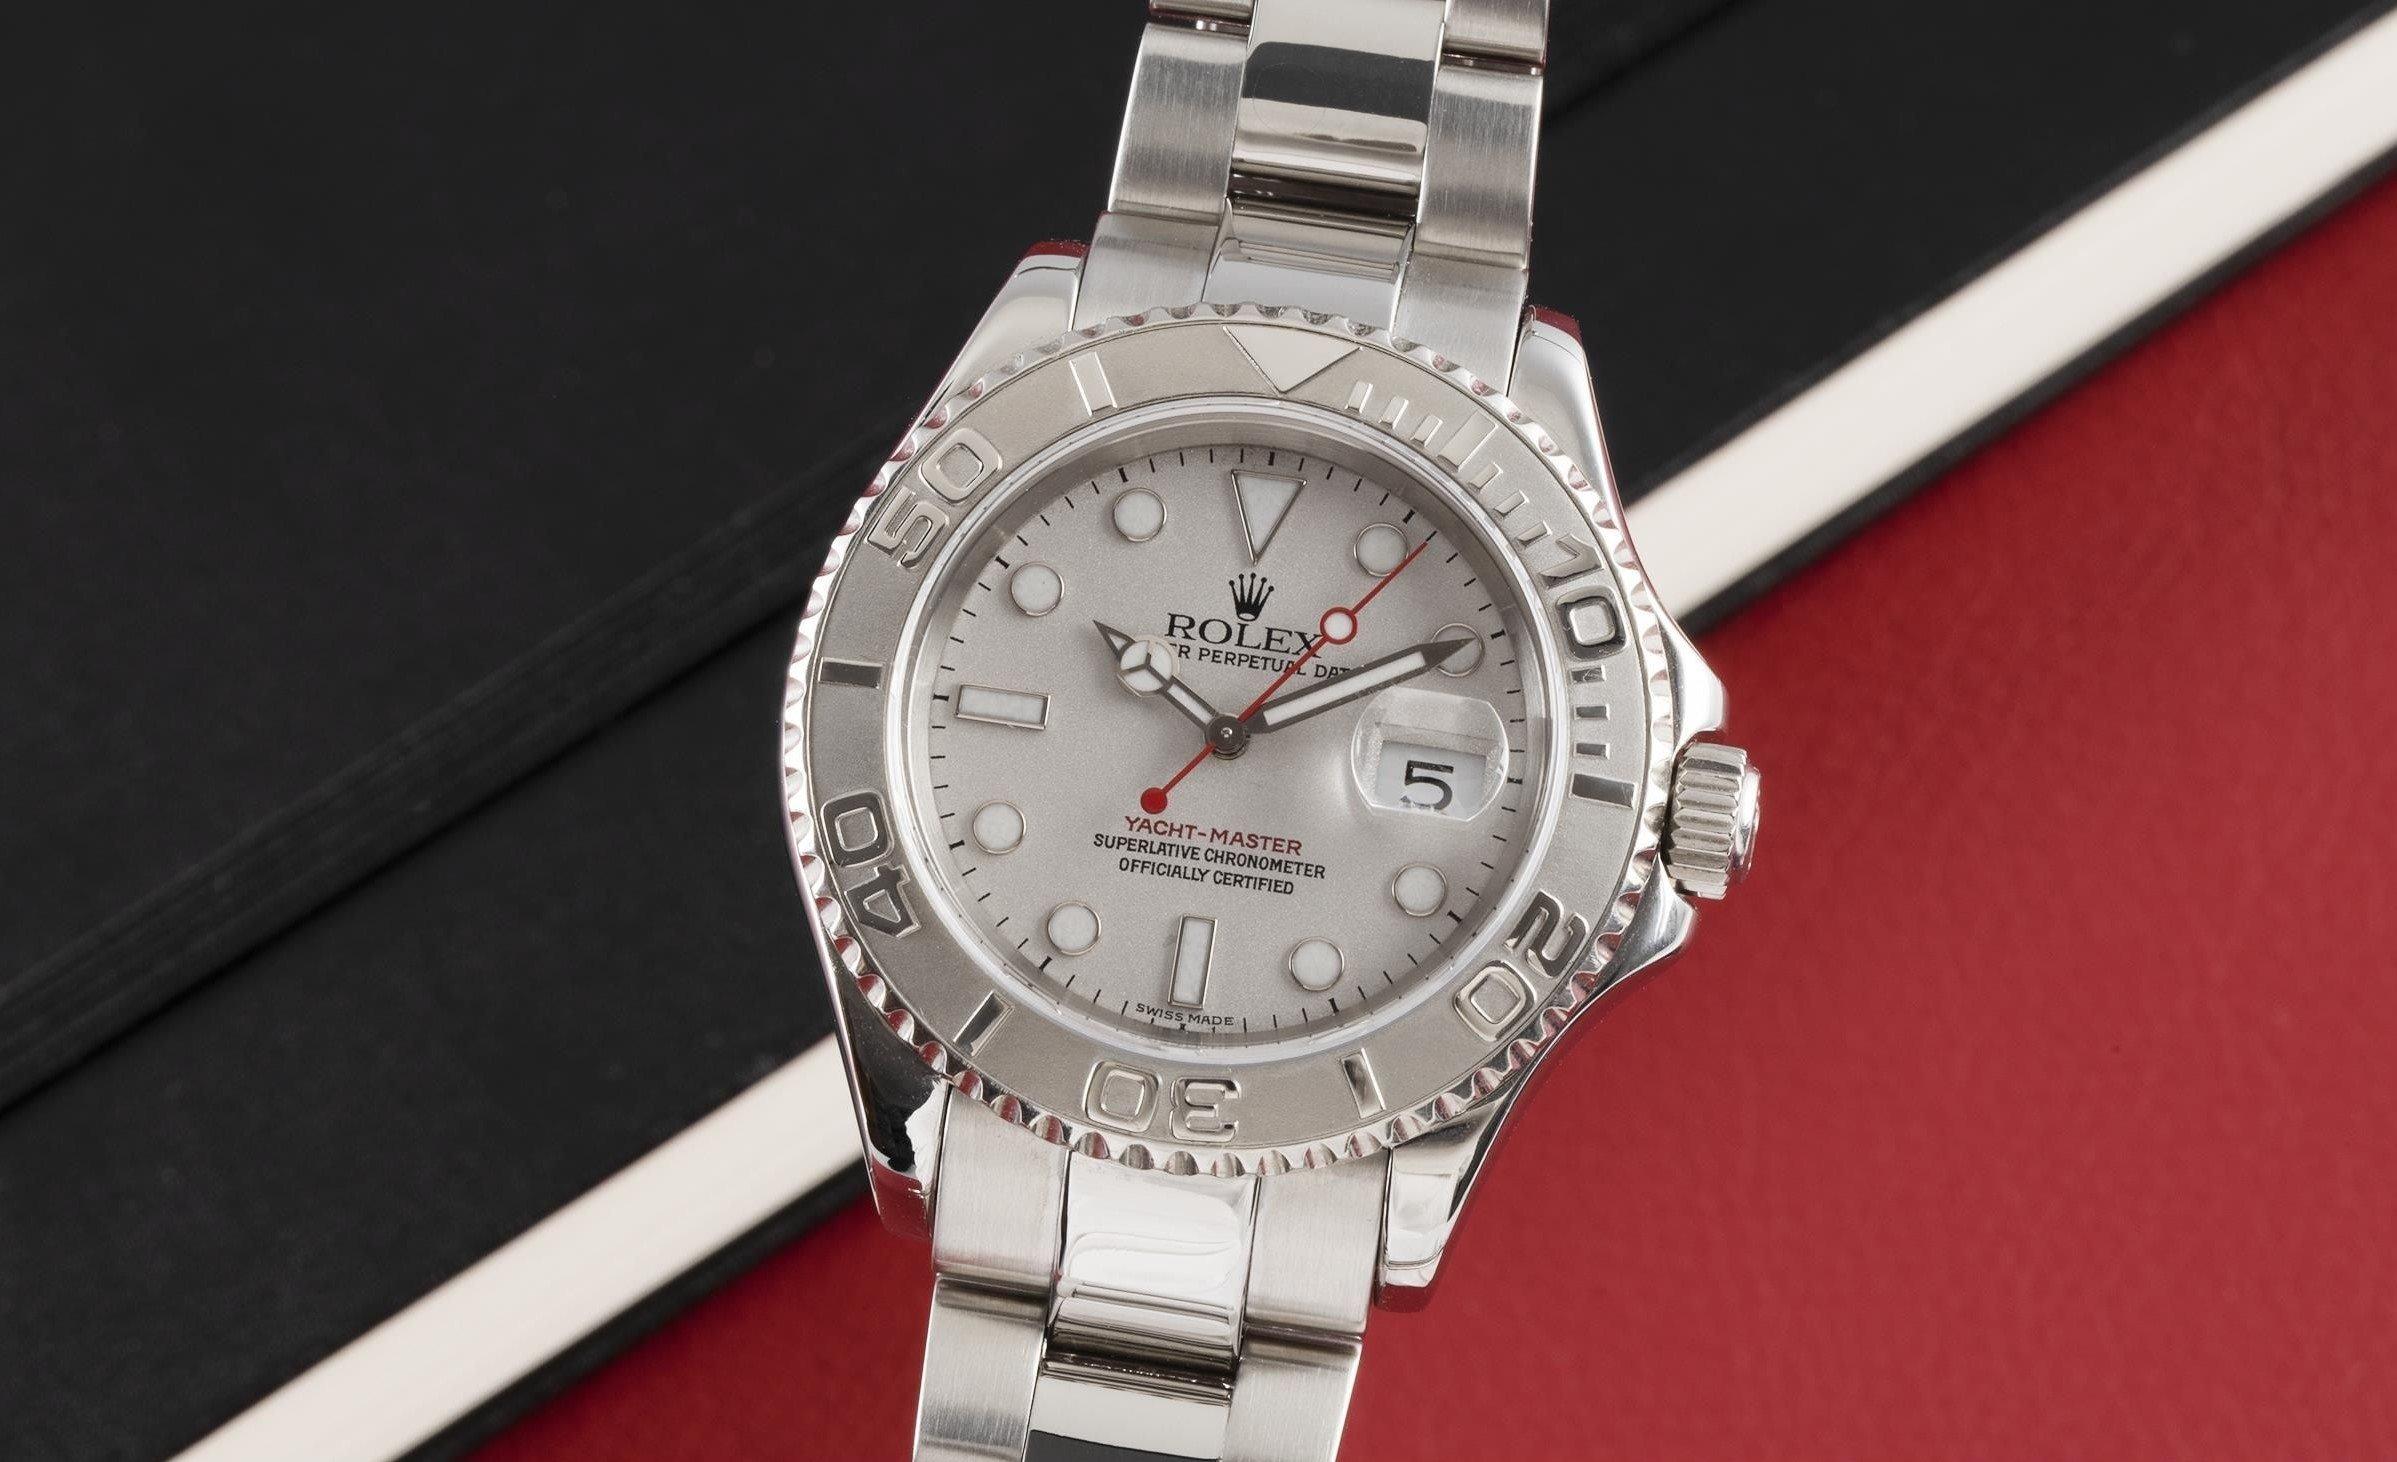 5 Rolex Watches - Yacht-Master